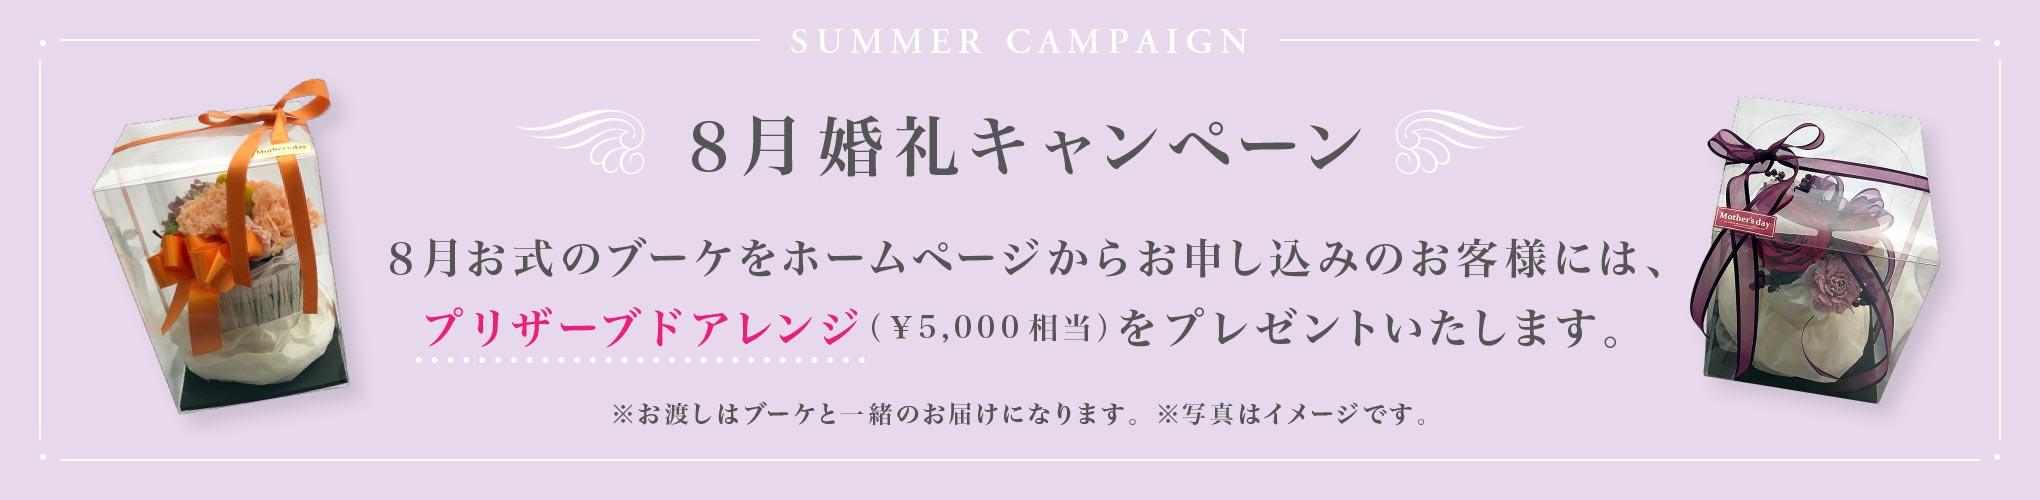 8月婚礼キャンペーン|8月お式のブーケをホームページからお申し込みのお客様には、プリザーブドアレンジ(¥5,000相当)をプレゼントいたします。